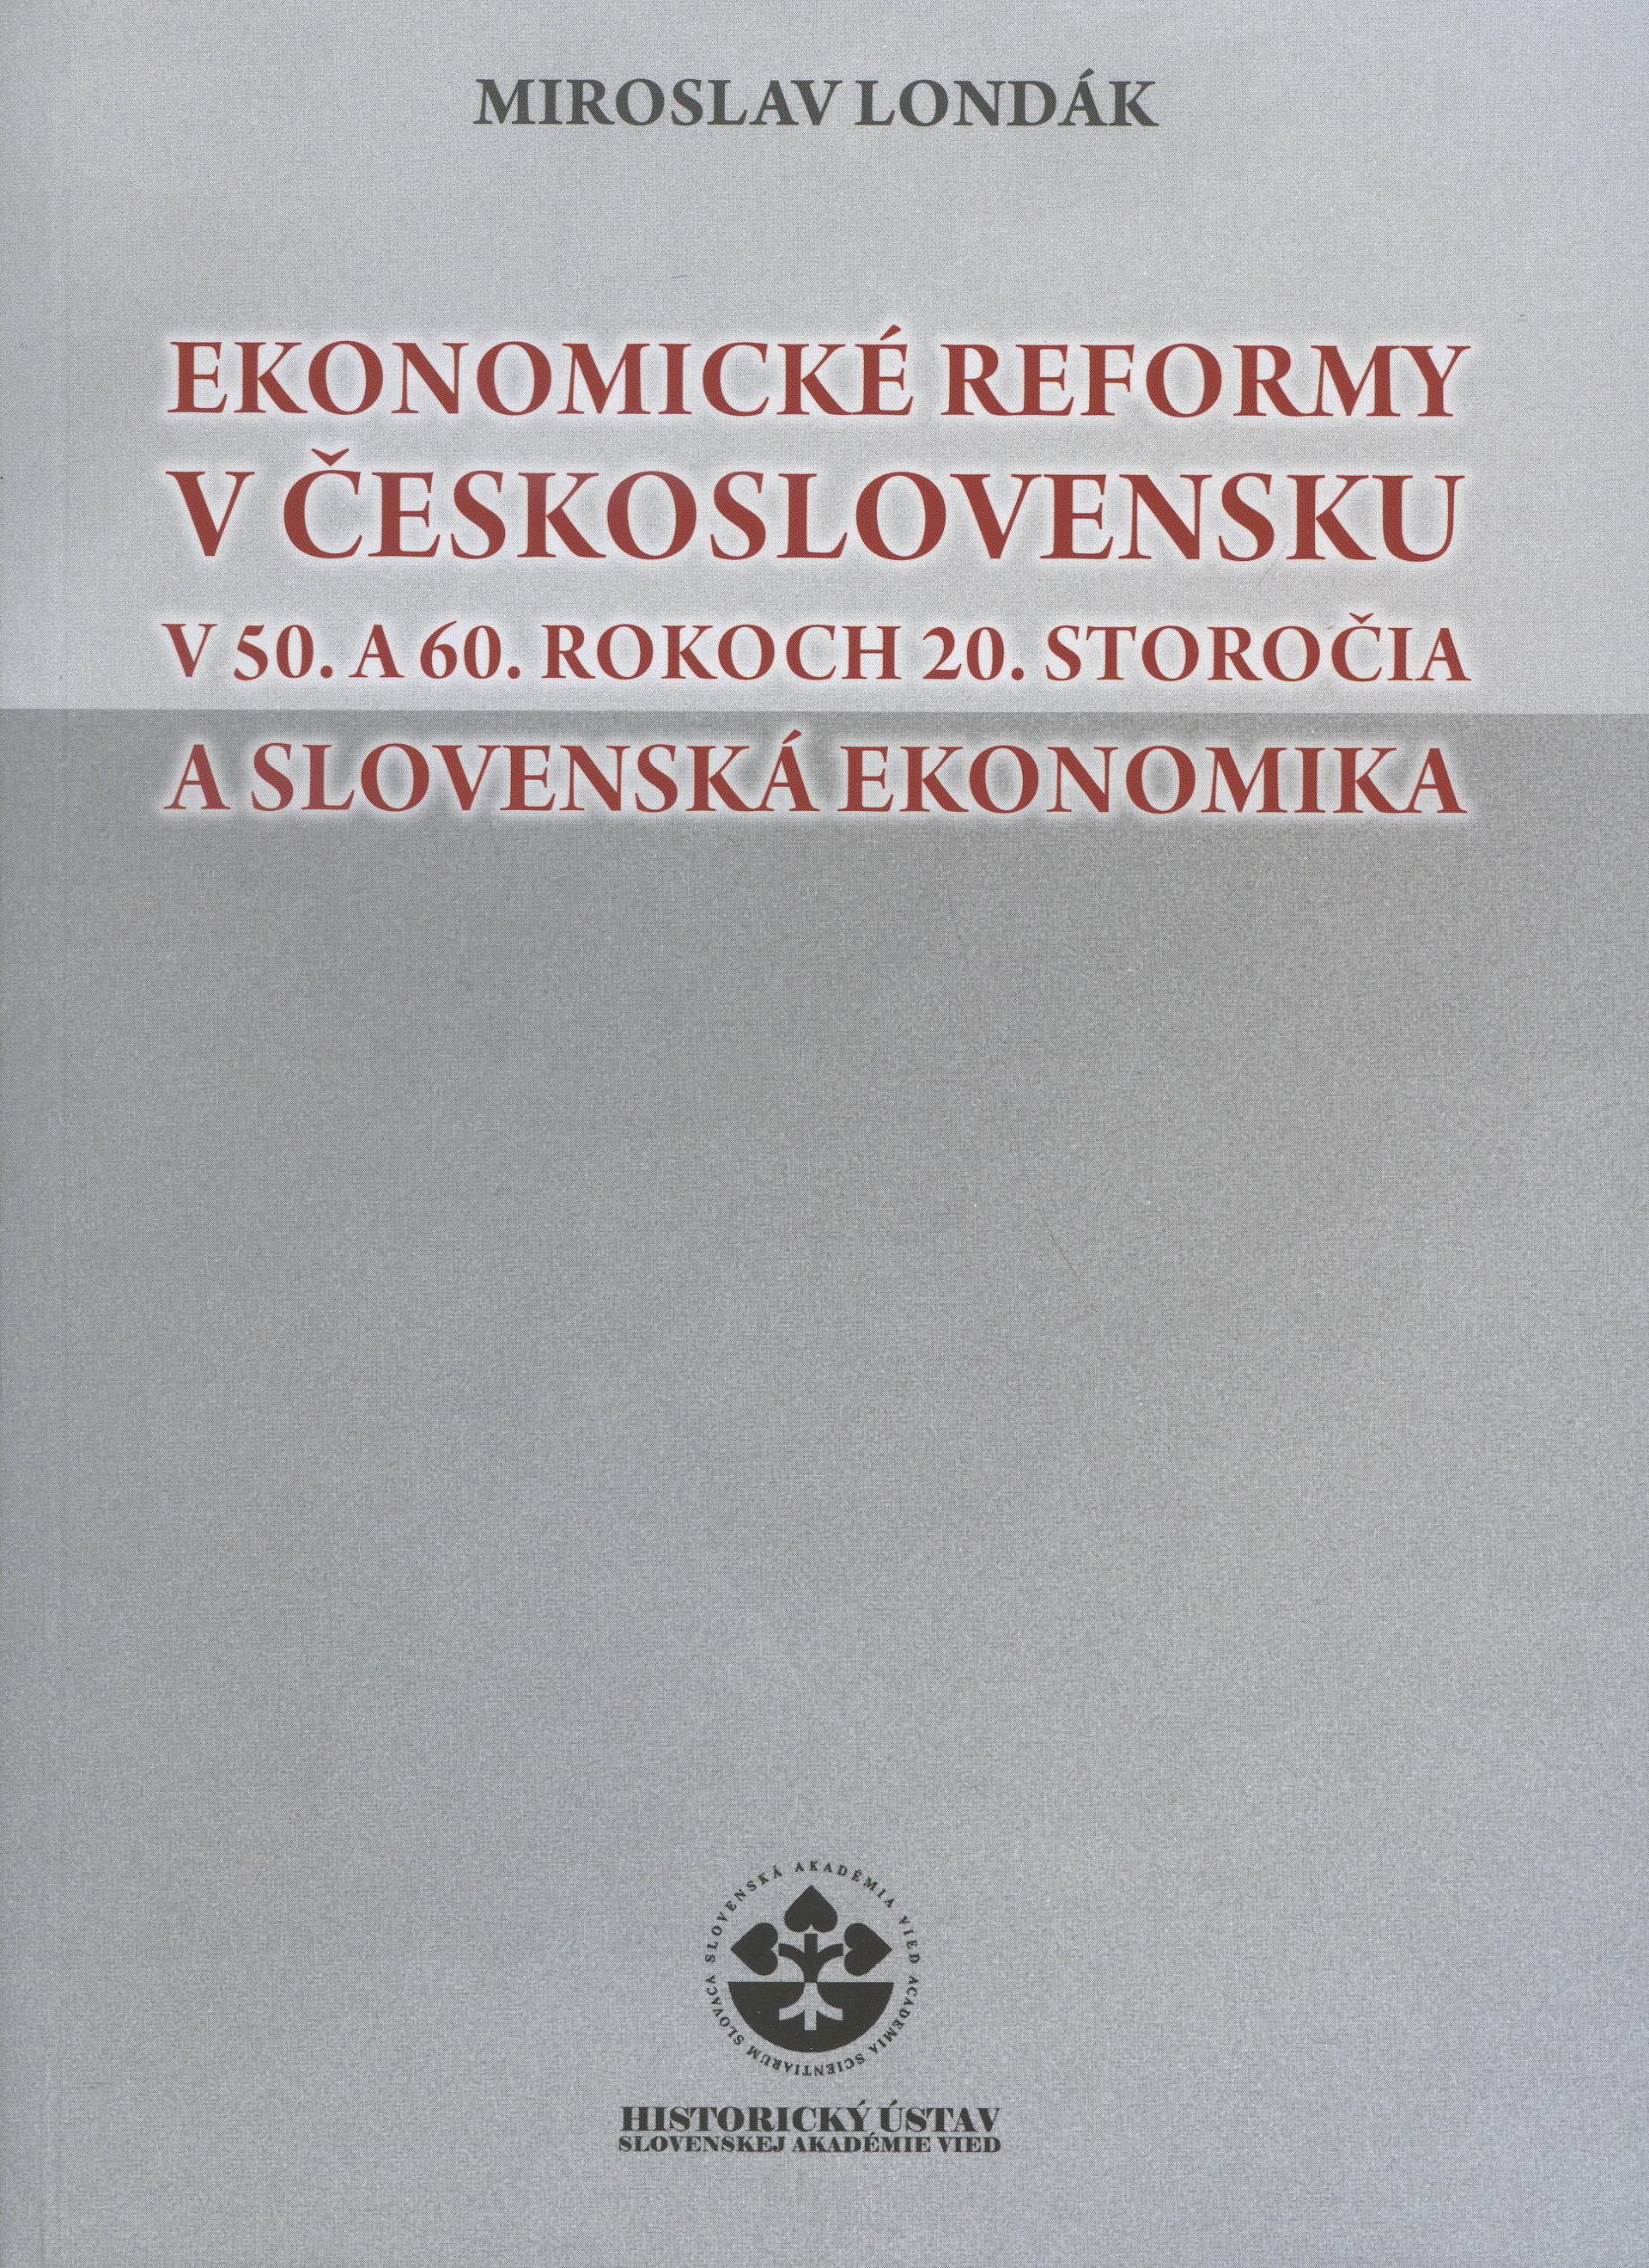 Ekonomické reformy v Československu v 50. a 60. rokoch 20. storočia a slovenská ekonomika